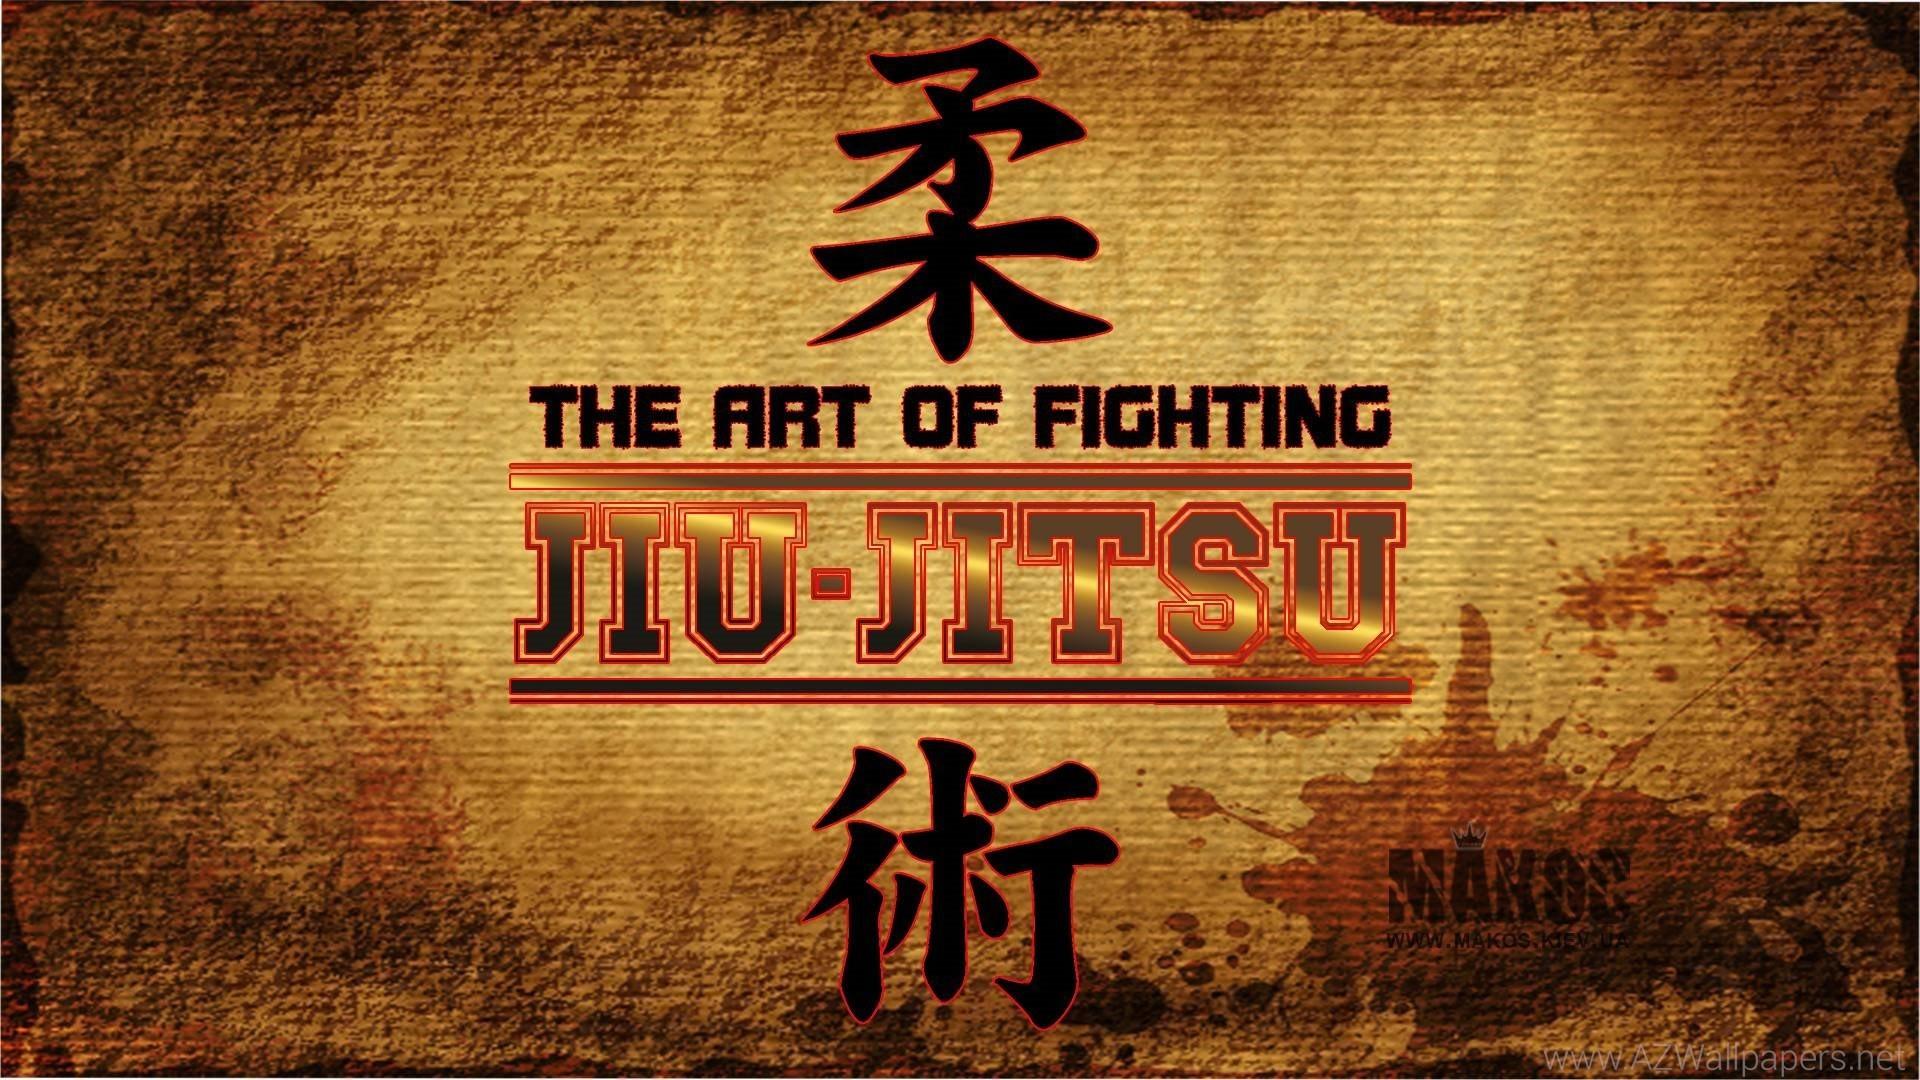 Brazilian Jiu Jitsu Quotes. QuotesGram